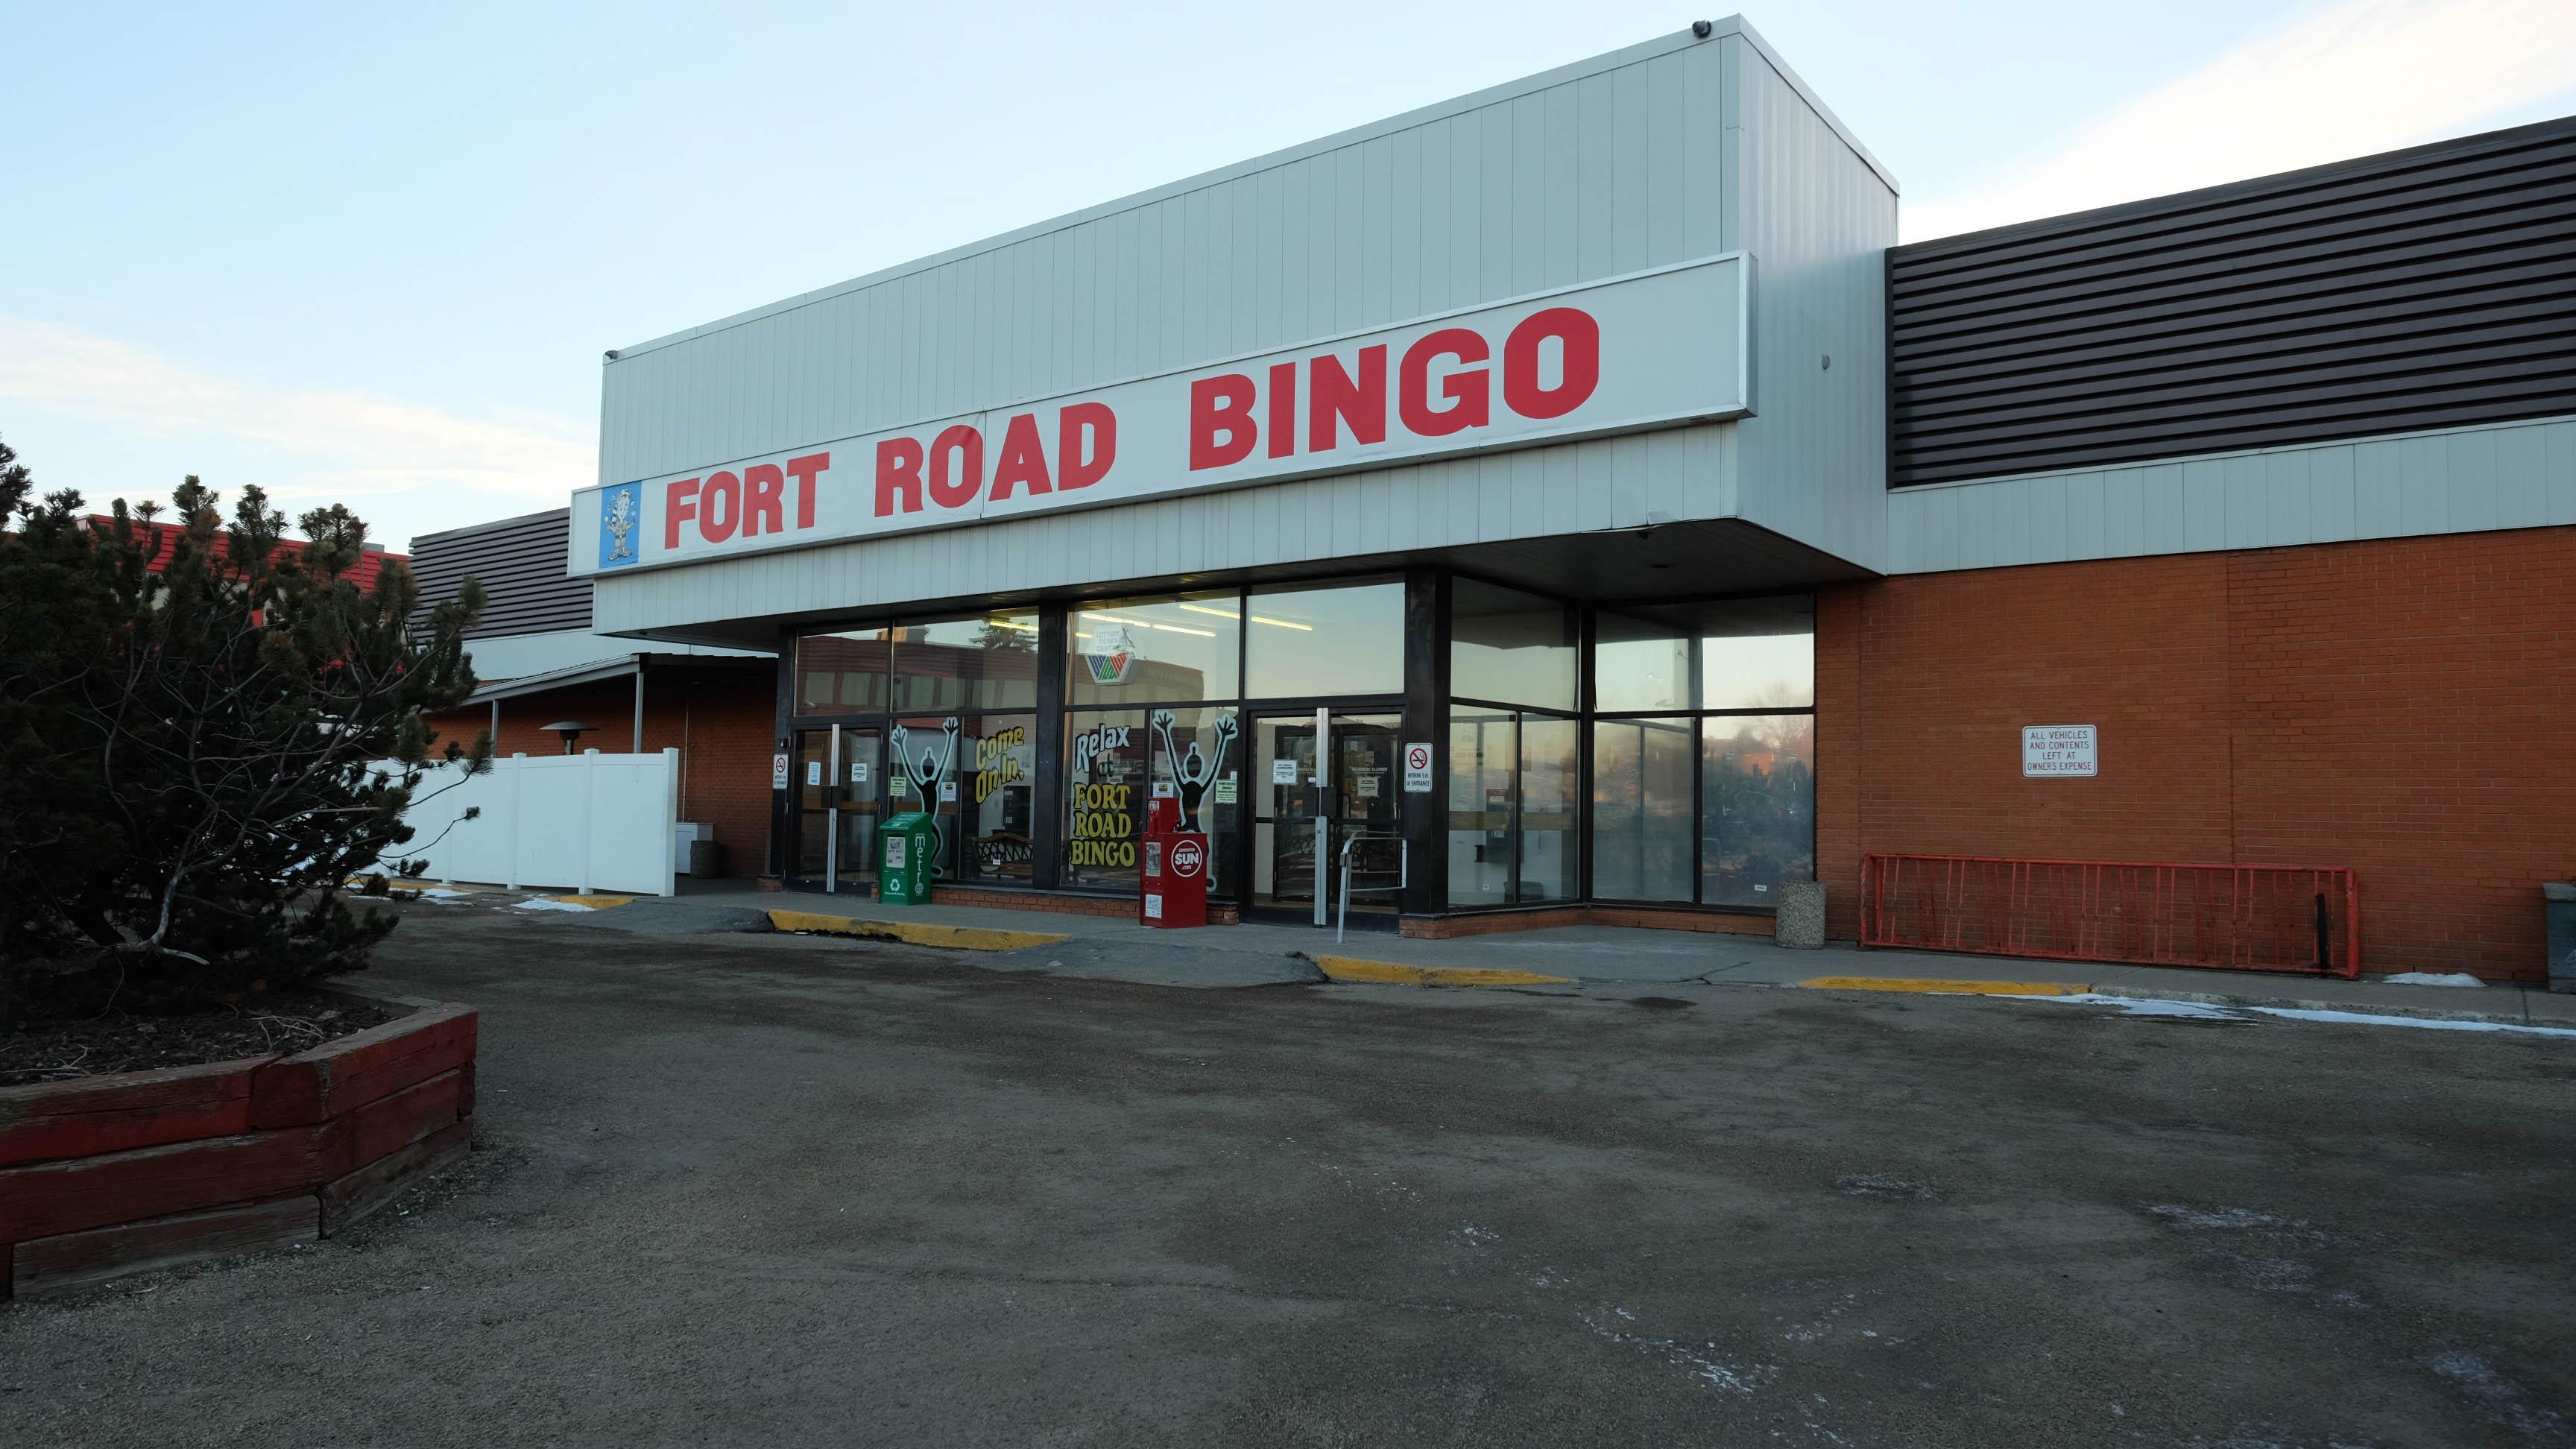 Fort Road Bingo